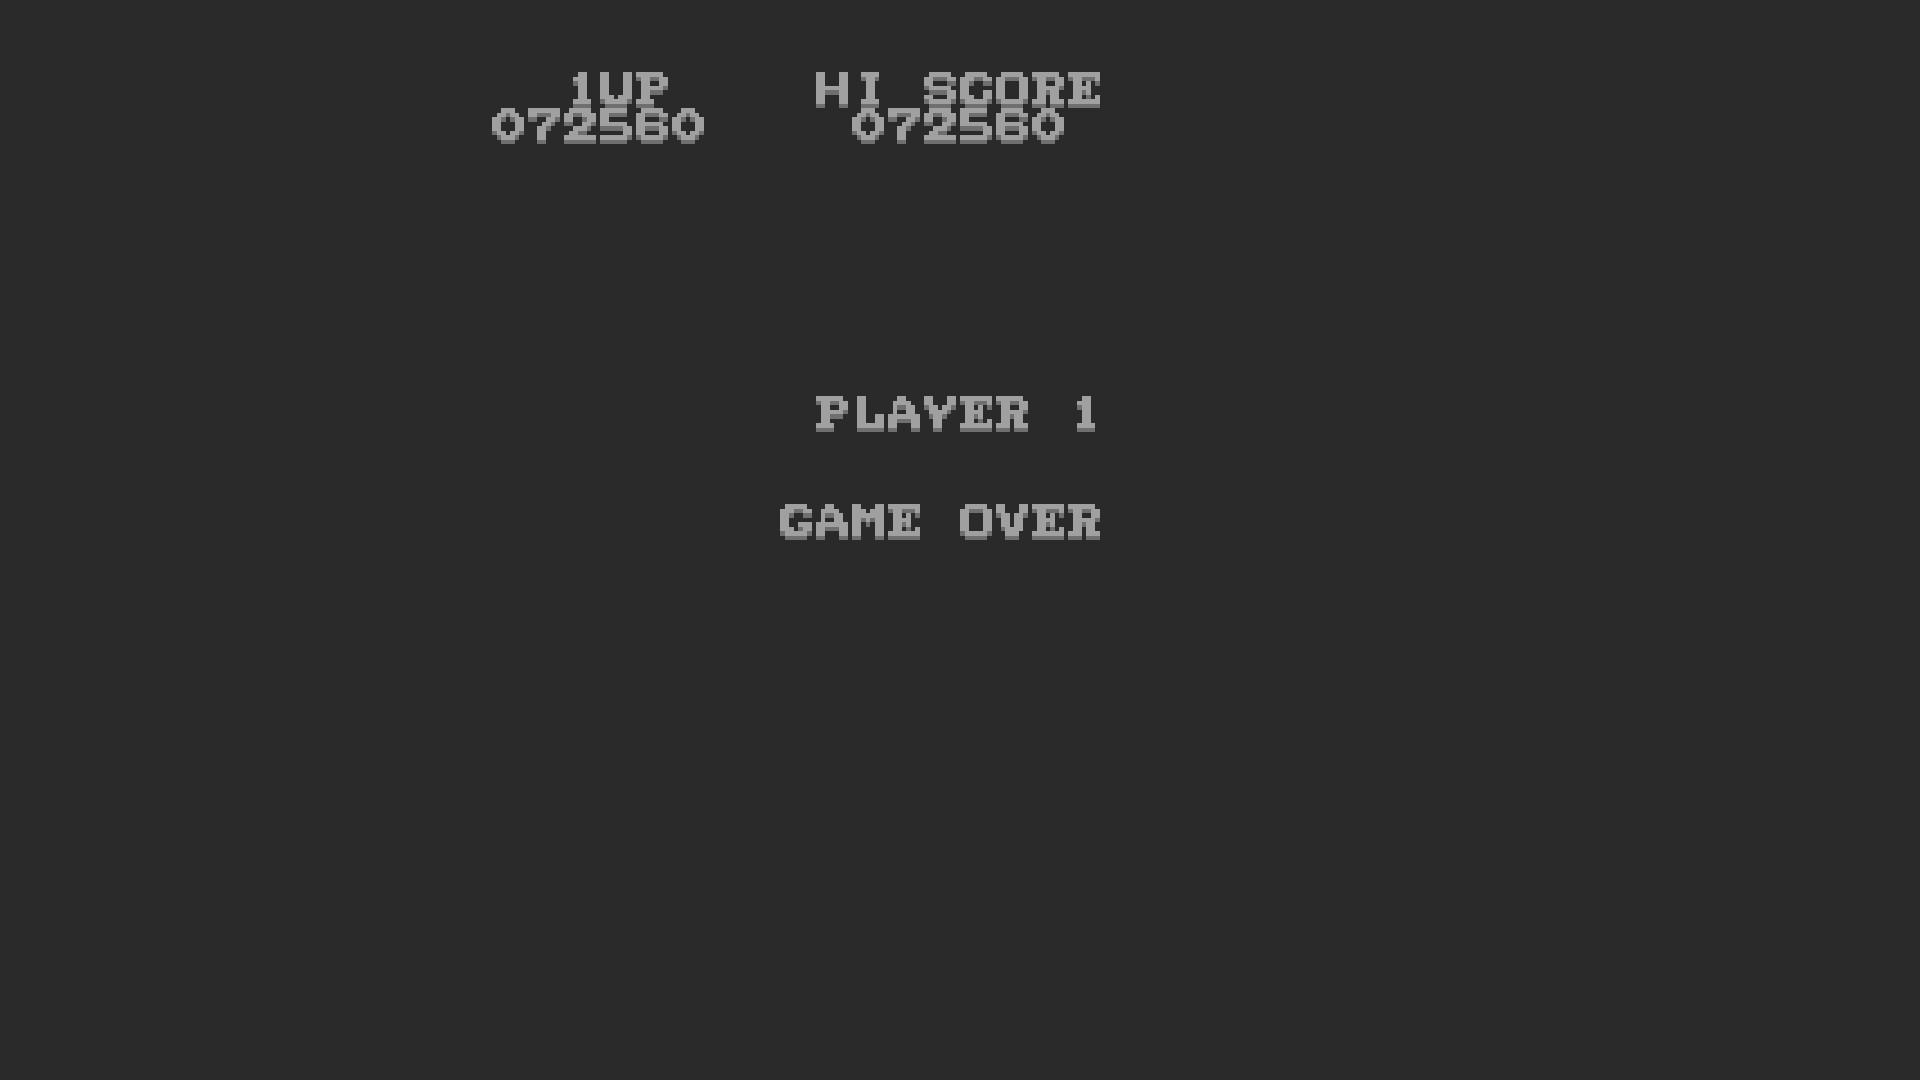 AkinNahtanoj: Tiger-Heli (NES/Famicom Emulated) 72,560 points on 2020-09-09 05:45:59